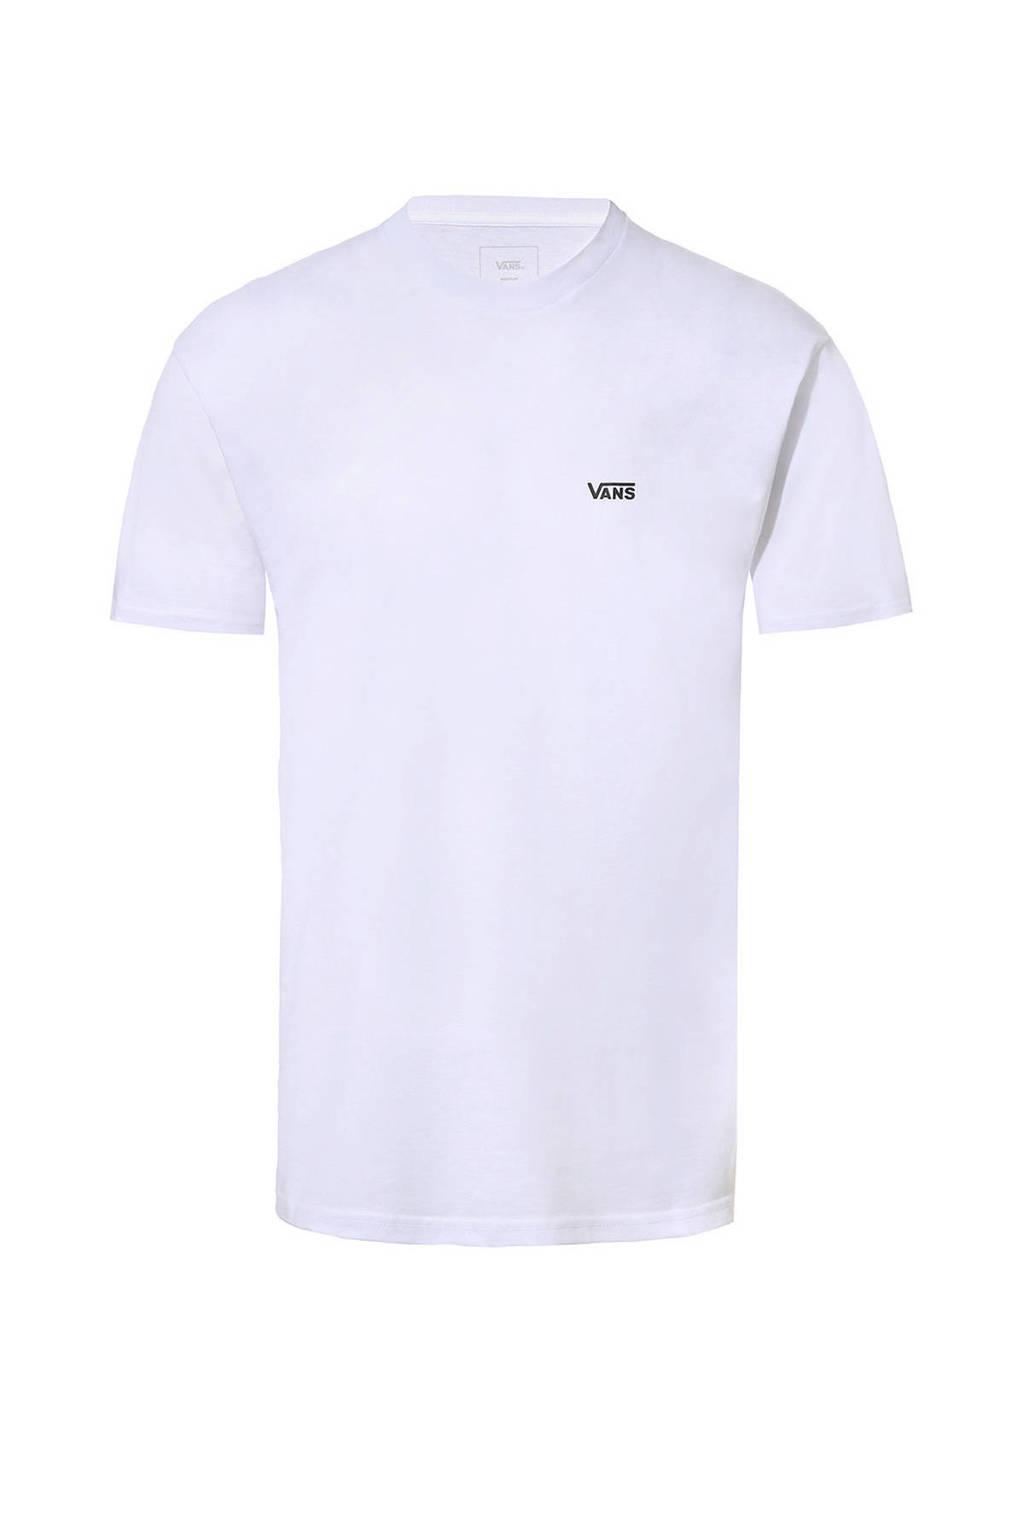 VANS   T-shirt wit, Wit